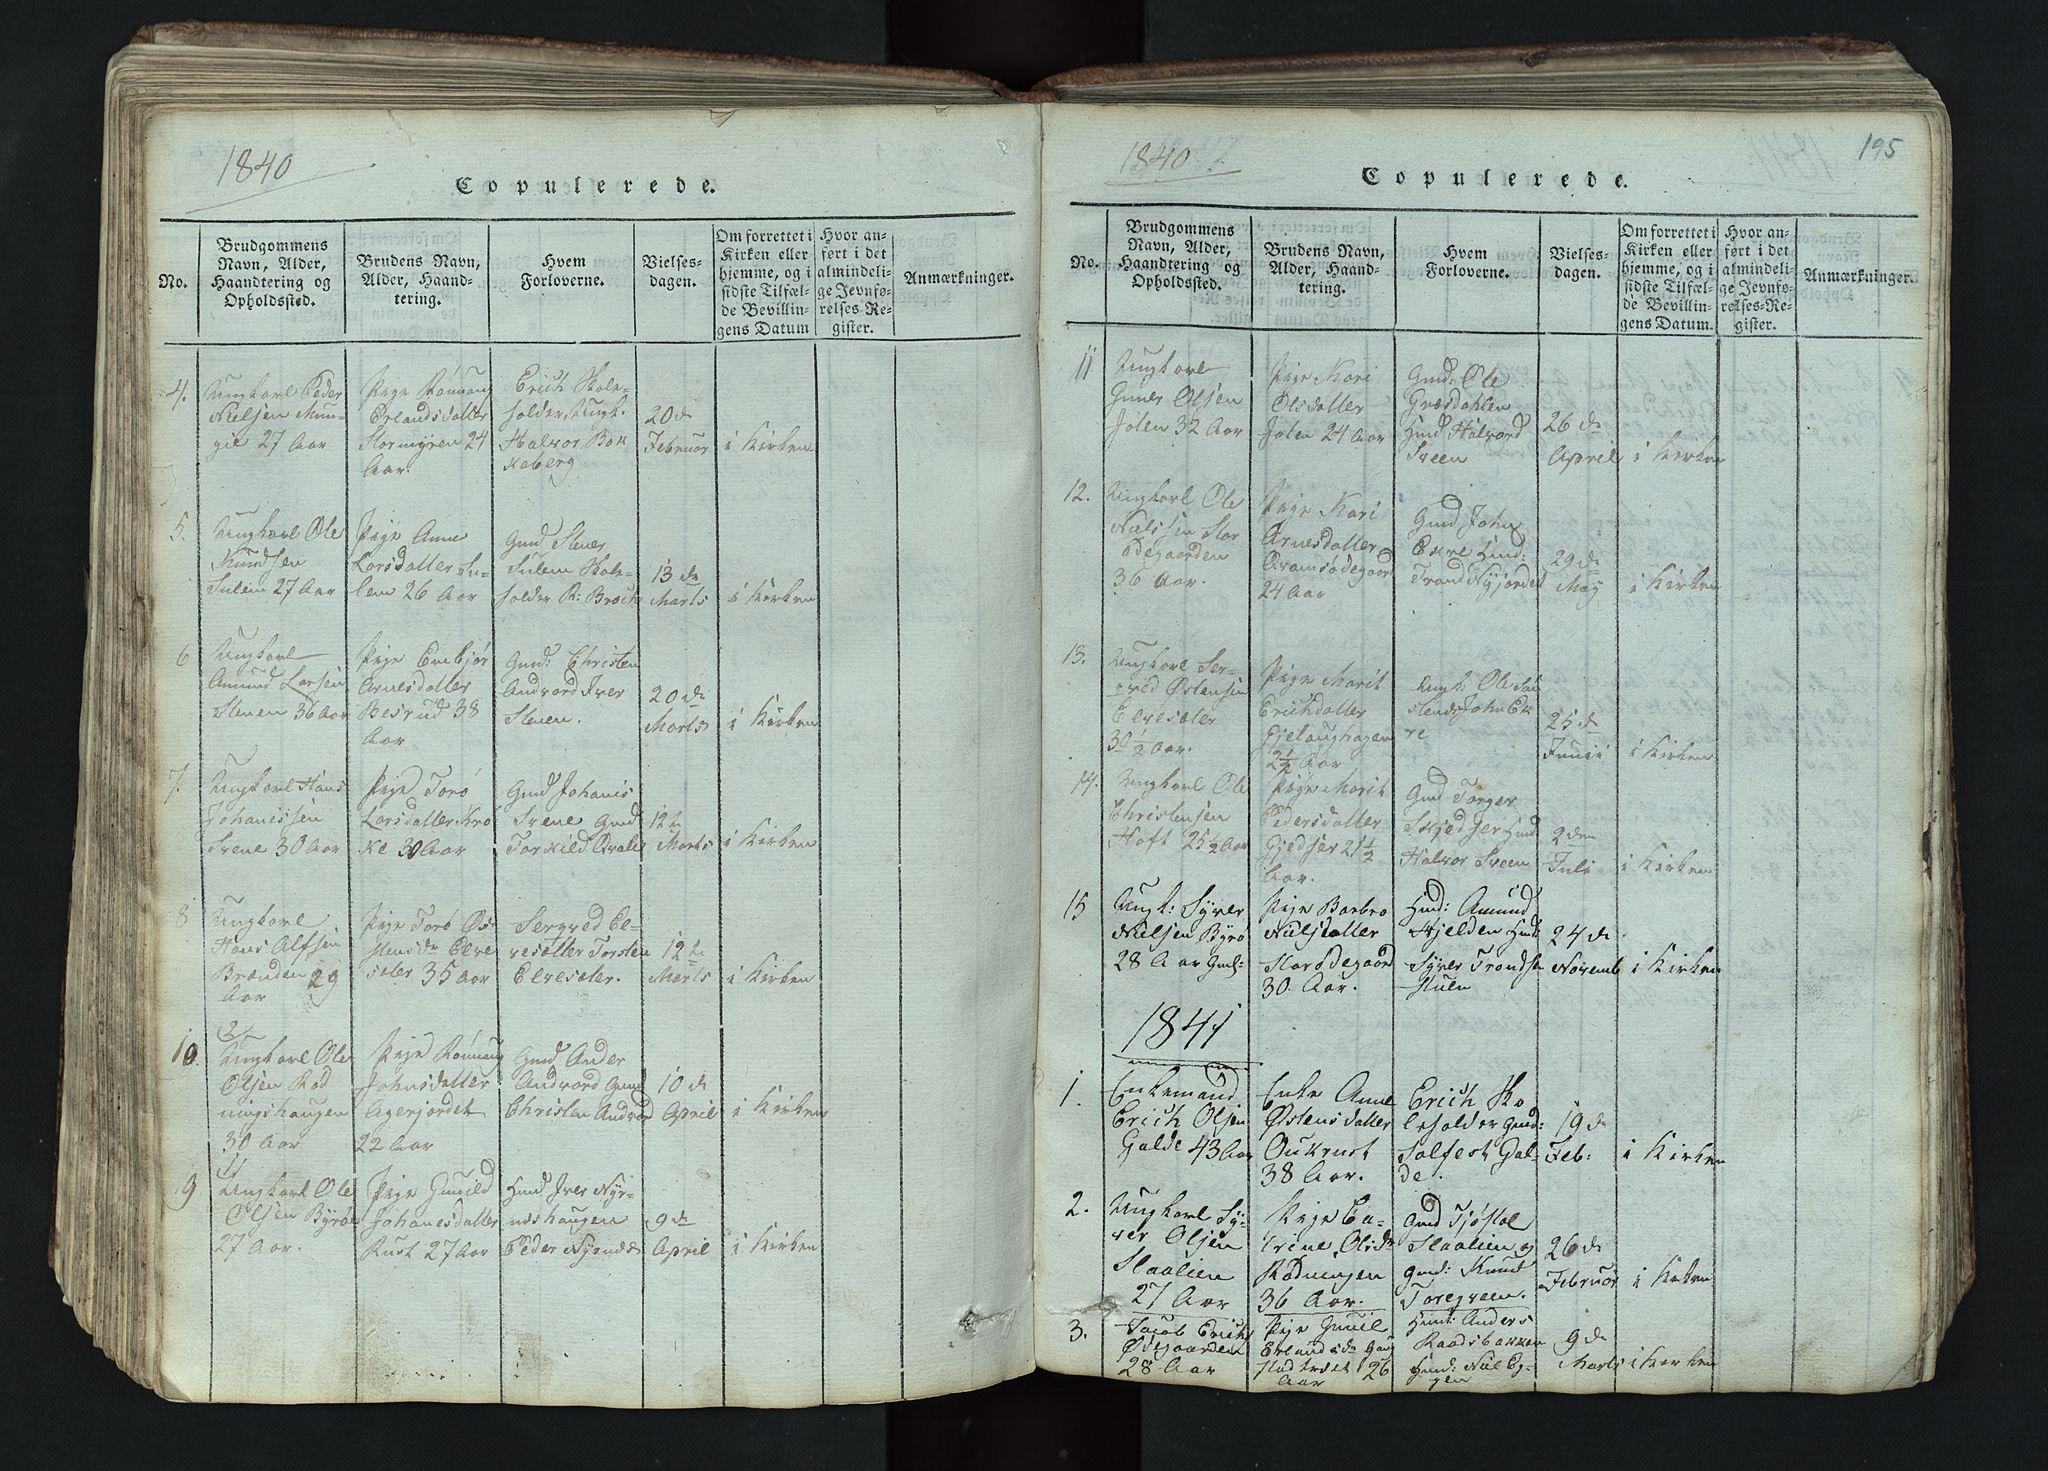 SAH, Lom prestekontor, L/L0002: Klokkerbok nr. 2, 1815-1844, s. 195